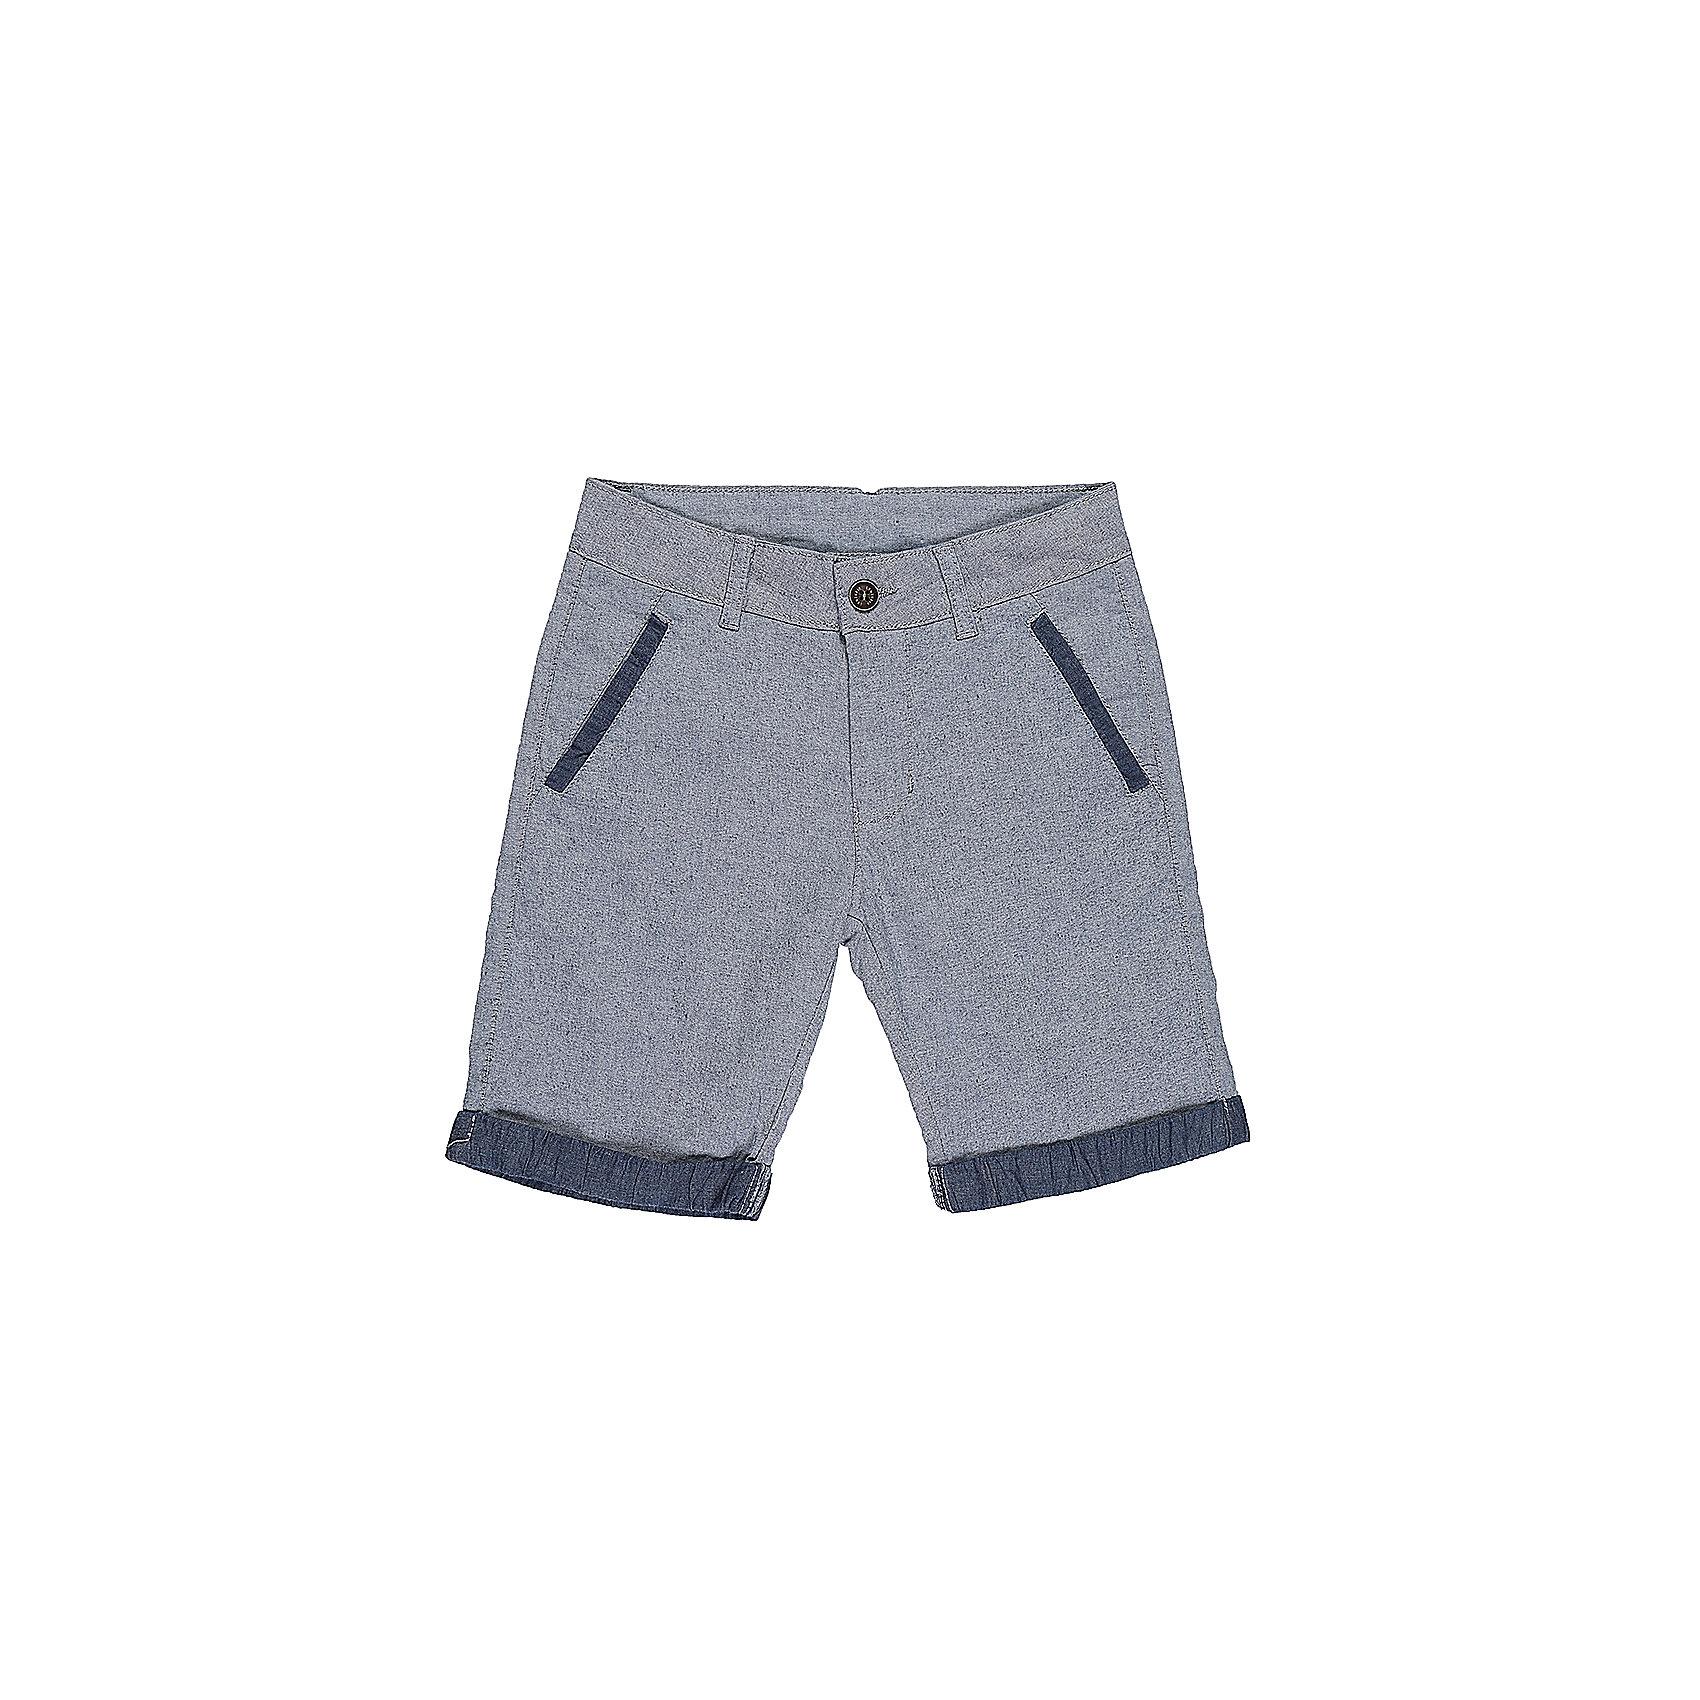 Шорты для мальчика LuminosoШорты, бриджи, капри<br>Текстильные шорты для мальчика с подворотом. Два прорезных кармана по бокам. Застегиваются на молнию и пуговицу.  В боковой части пояса находятся вшитые эластичные ленты, регулирующие посадку по талии.<br>Состав:<br>98%хлопок 2%эластан<br><br>Ширина мм: 191<br>Глубина мм: 10<br>Высота мм: 175<br>Вес г: 273<br>Цвет: голубой<br>Возраст от месяцев: 96<br>Возраст до месяцев: 108<br>Пол: Мужской<br>Возраст: Детский<br>Размер: 134,140,146,152,158,164<br>SKU: 5413781